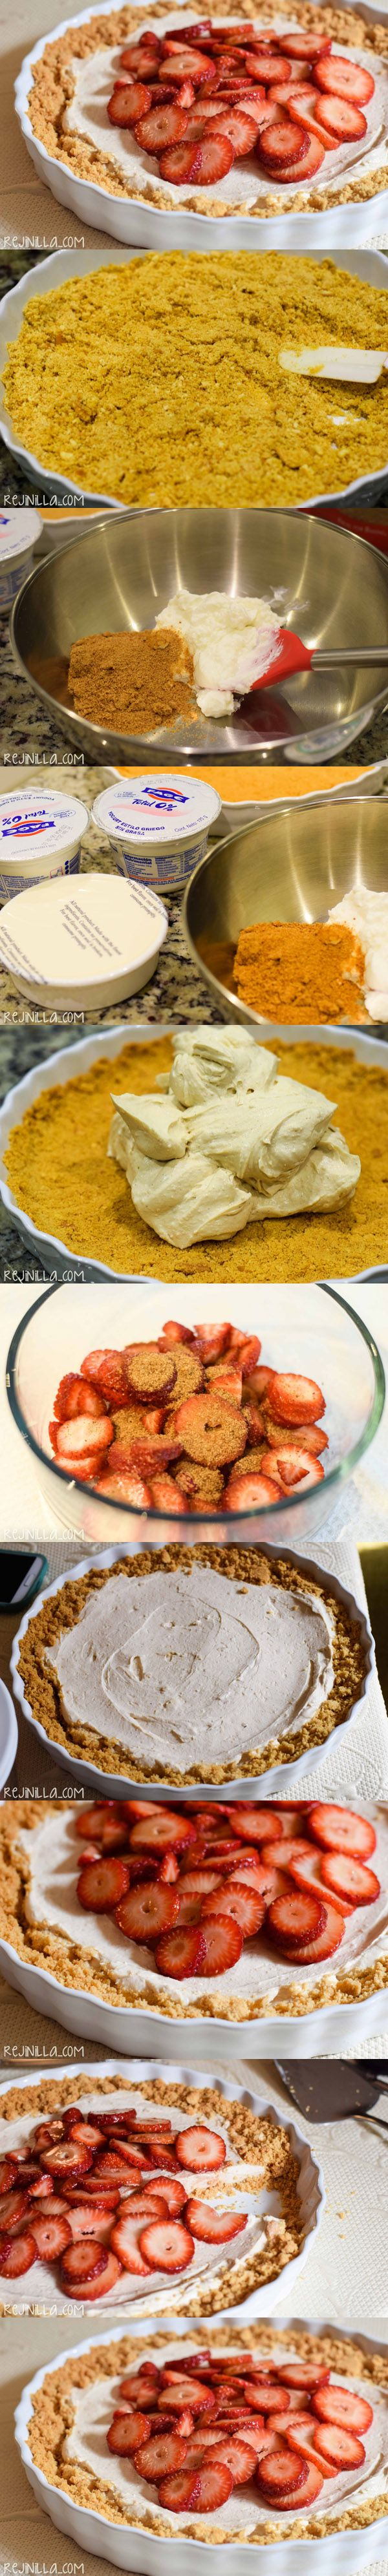 Pastel helado de yogur y fresas - http://www.rejinilla.com/